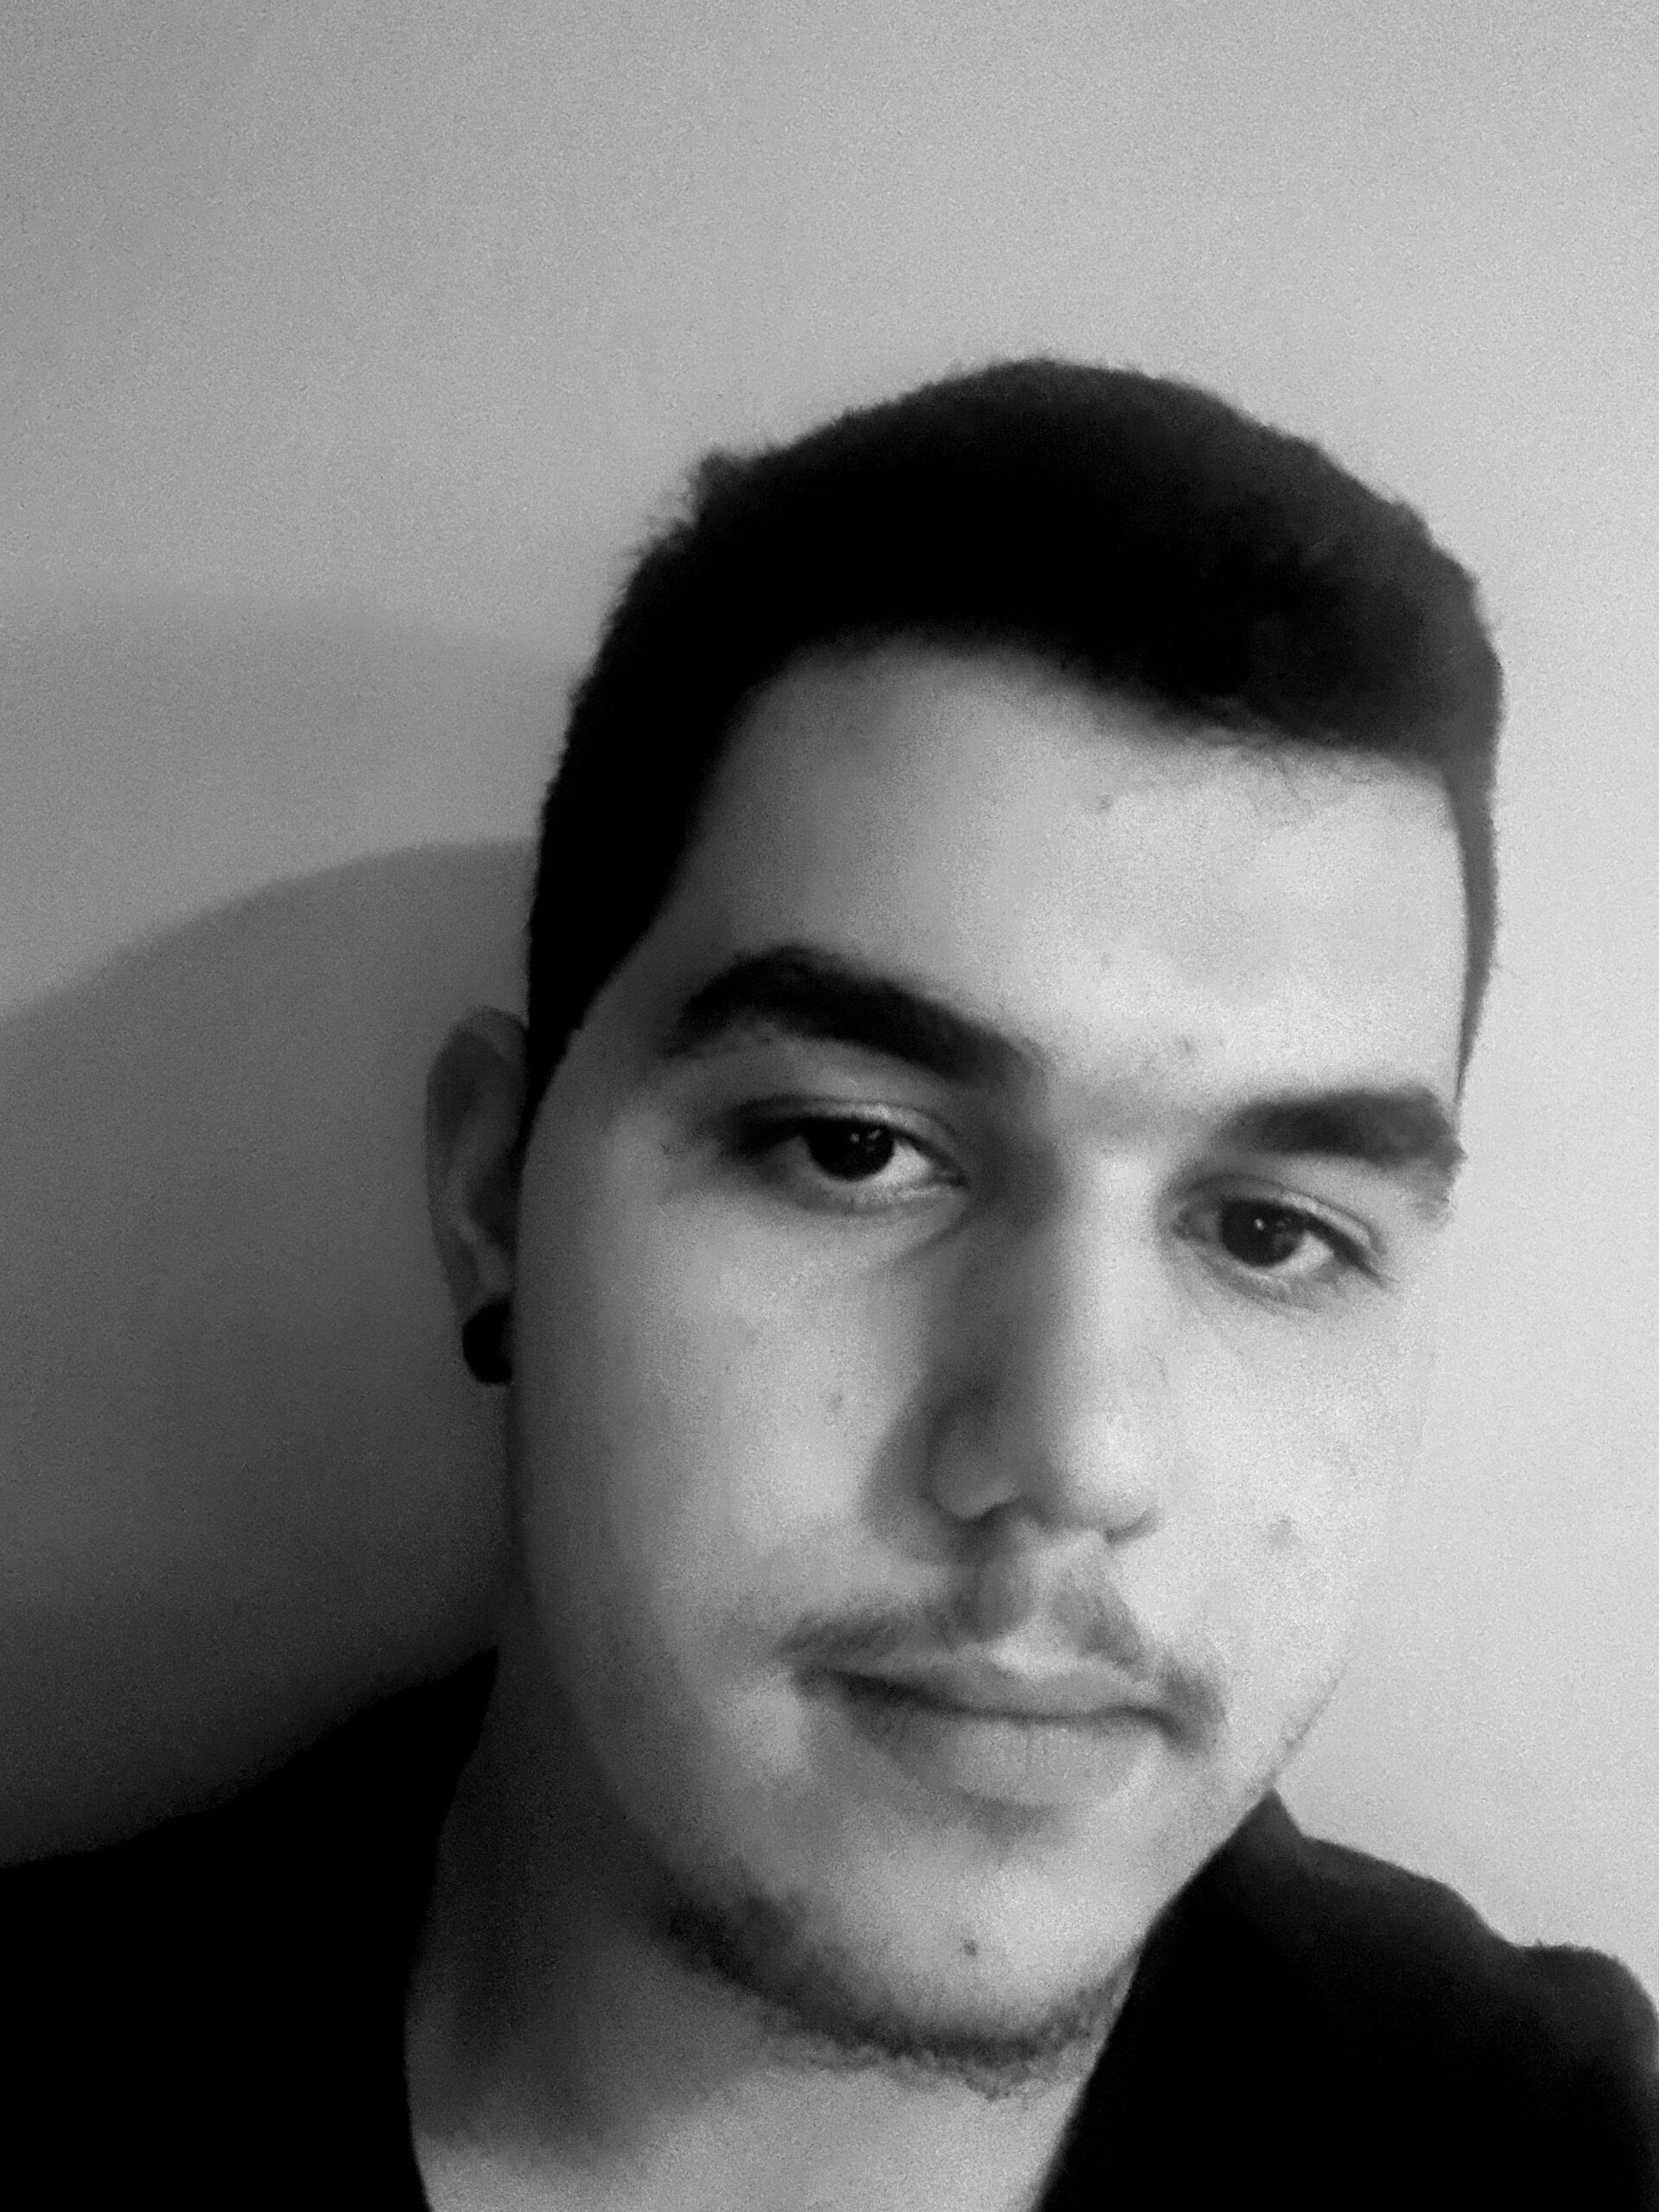 Kaan Azman